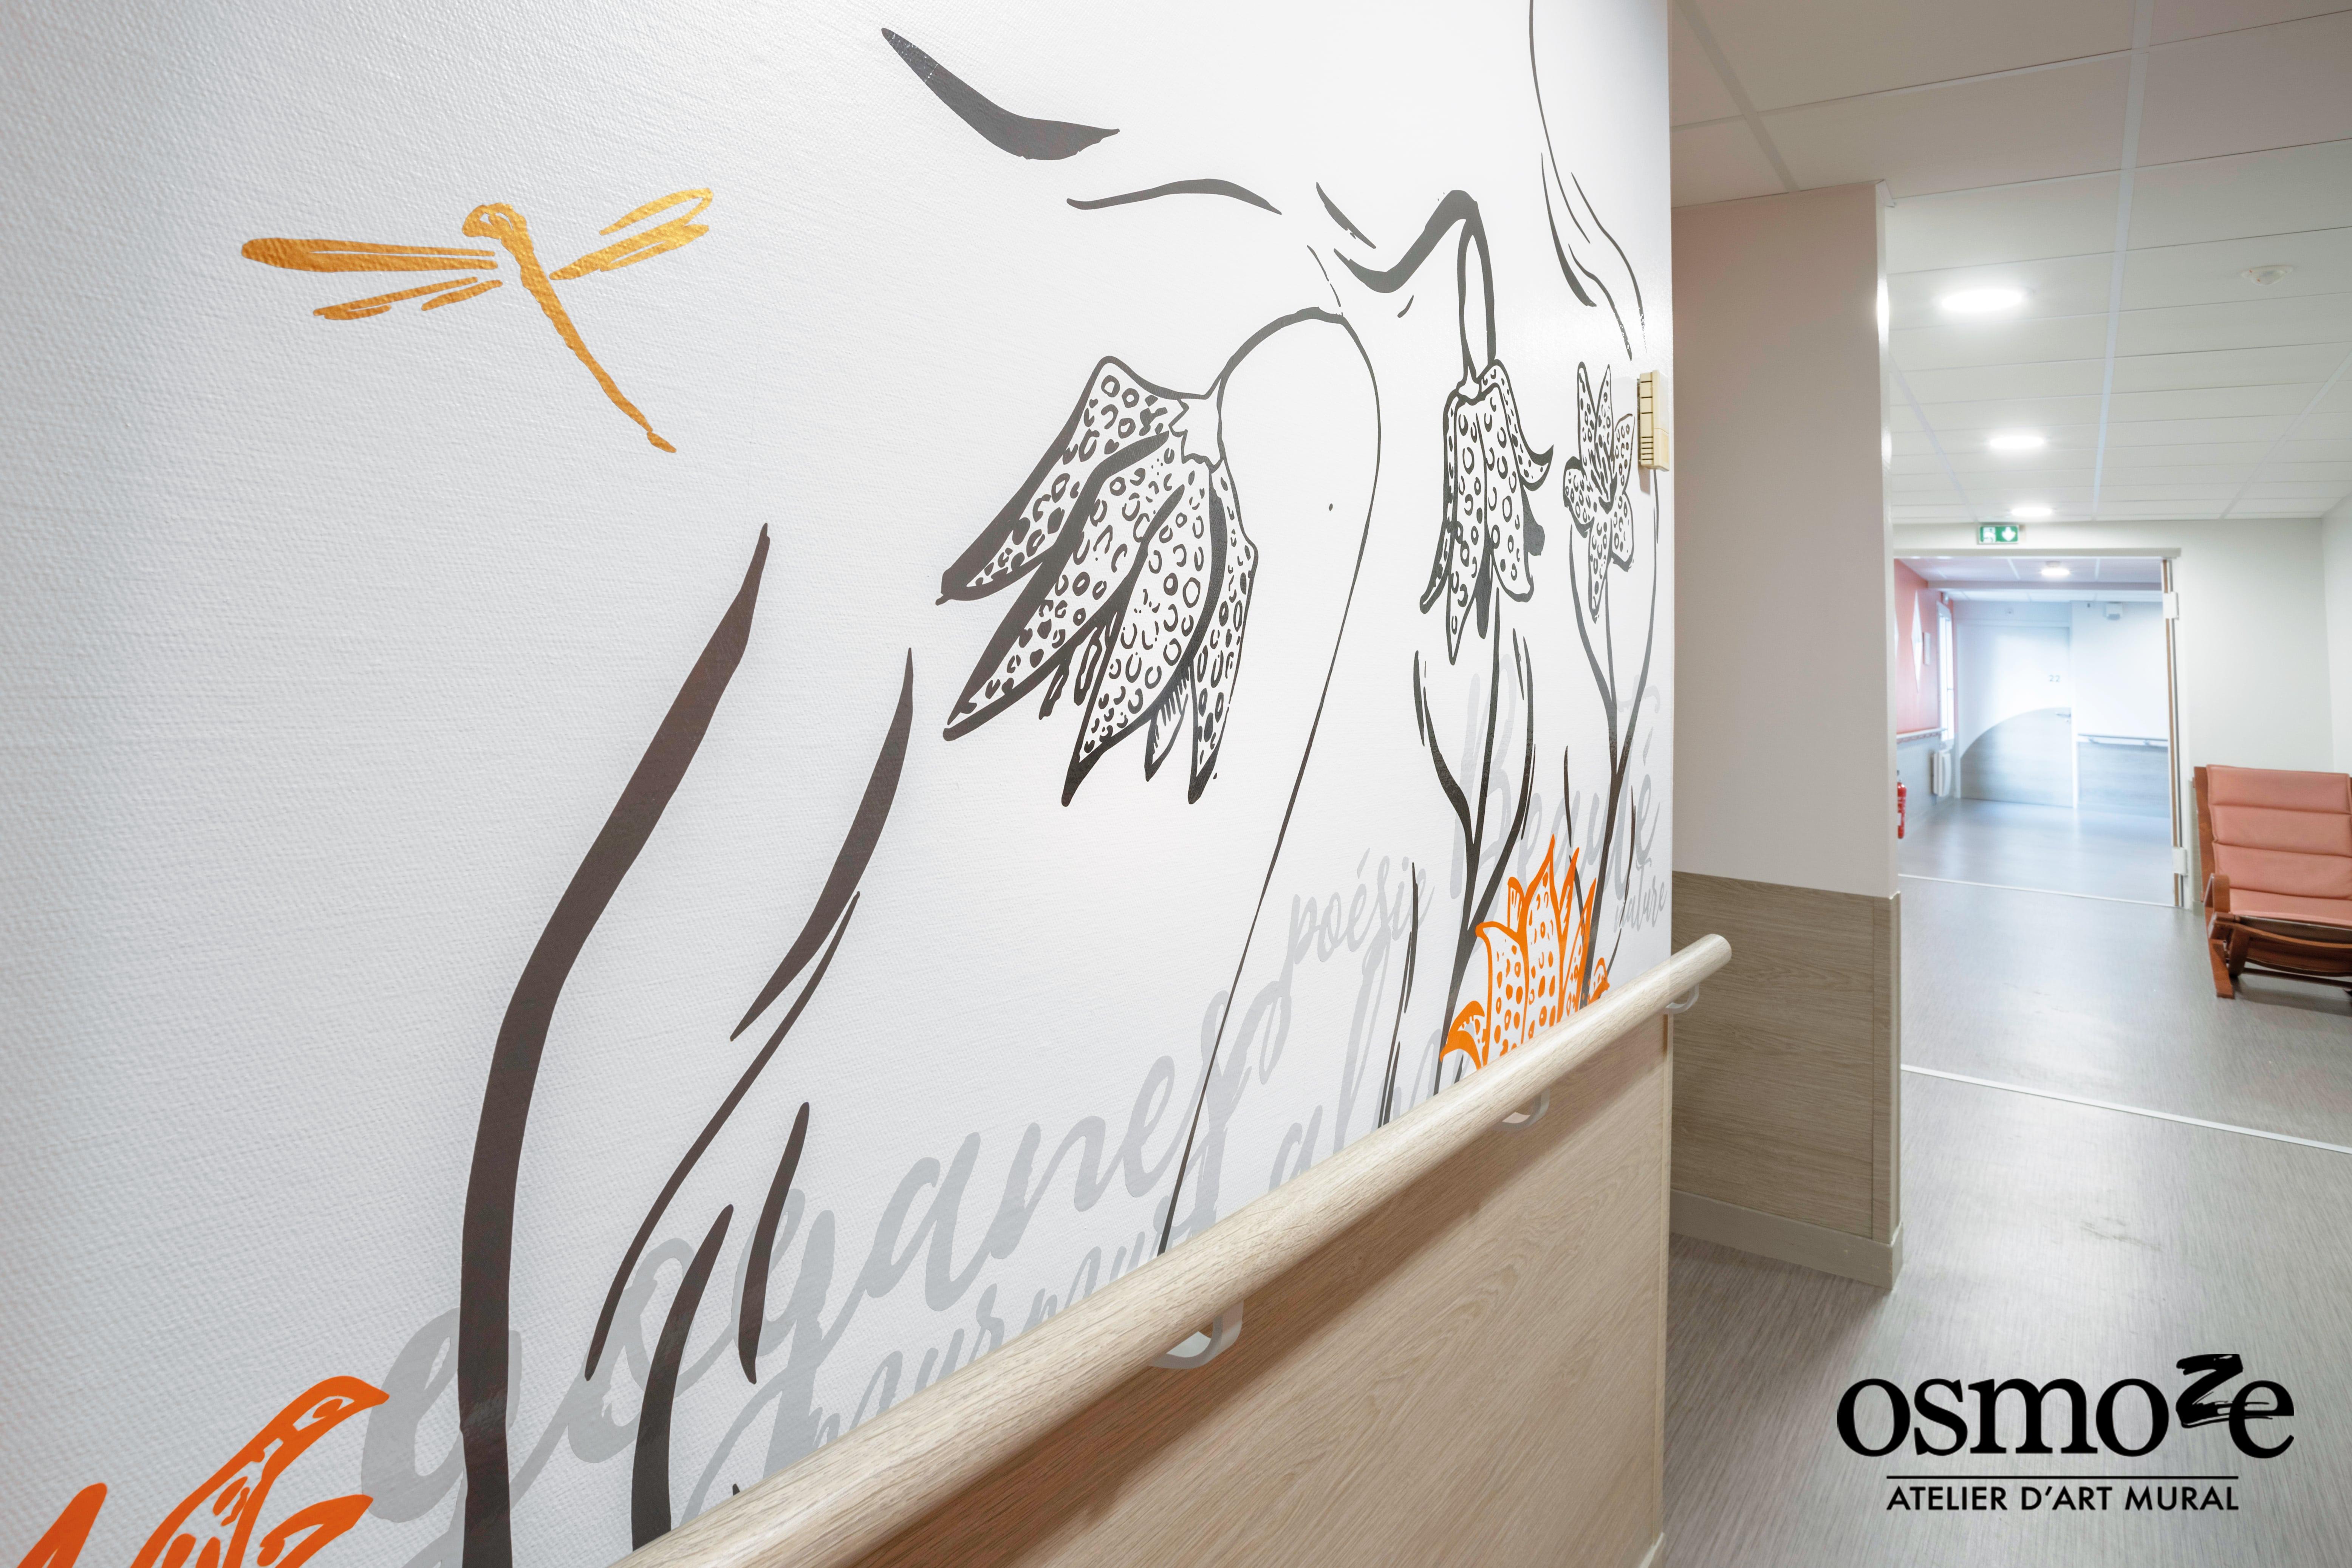 Décoration murale et signalétique > Osmoze > Fresque design > La Possonière